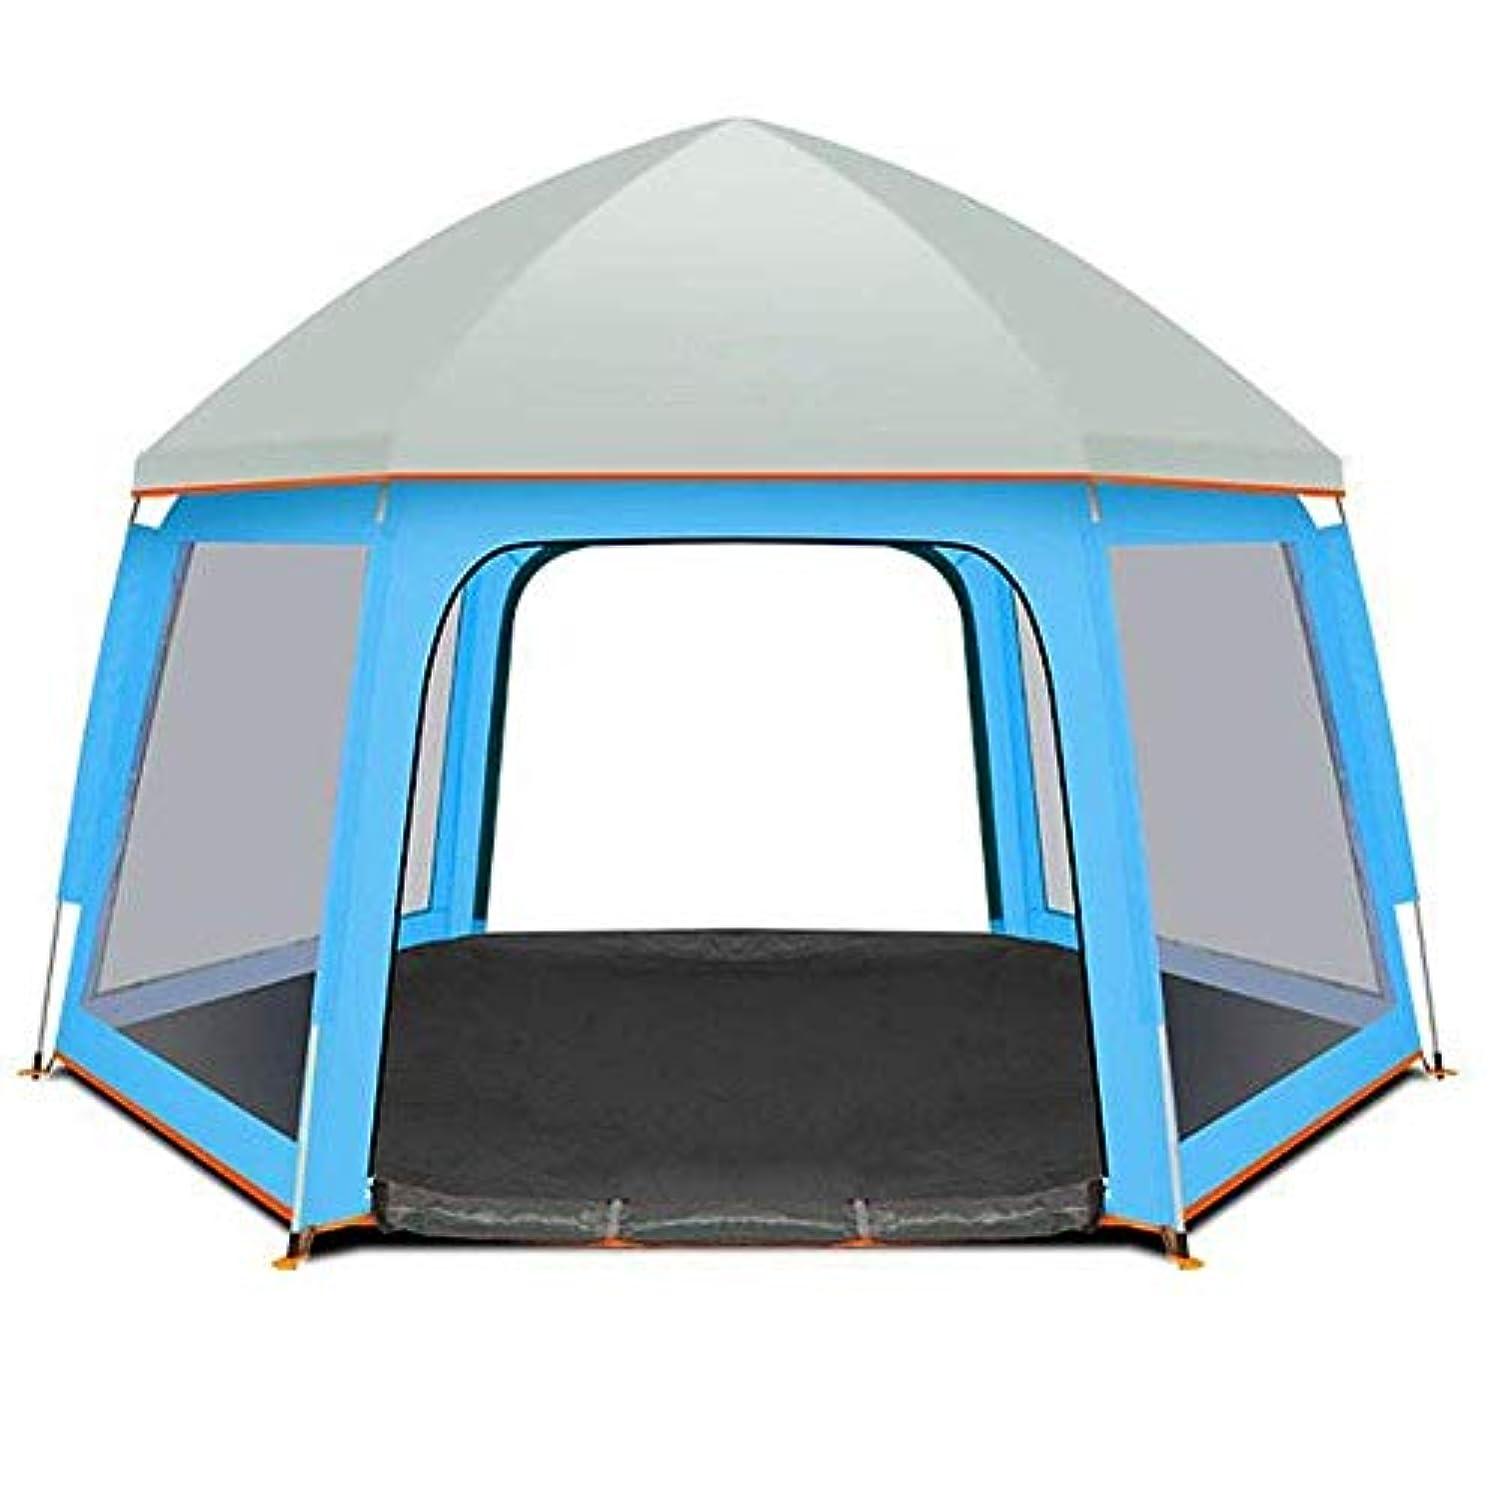 抗生物質やる本質的にキャンプテント ドームテント、屋外キャンプ六角形のテント3-5人スピードオープンポップアップテントダブルシングル家族テント適したビーチをハイキング サンシェード?シェルター (色 : 青)